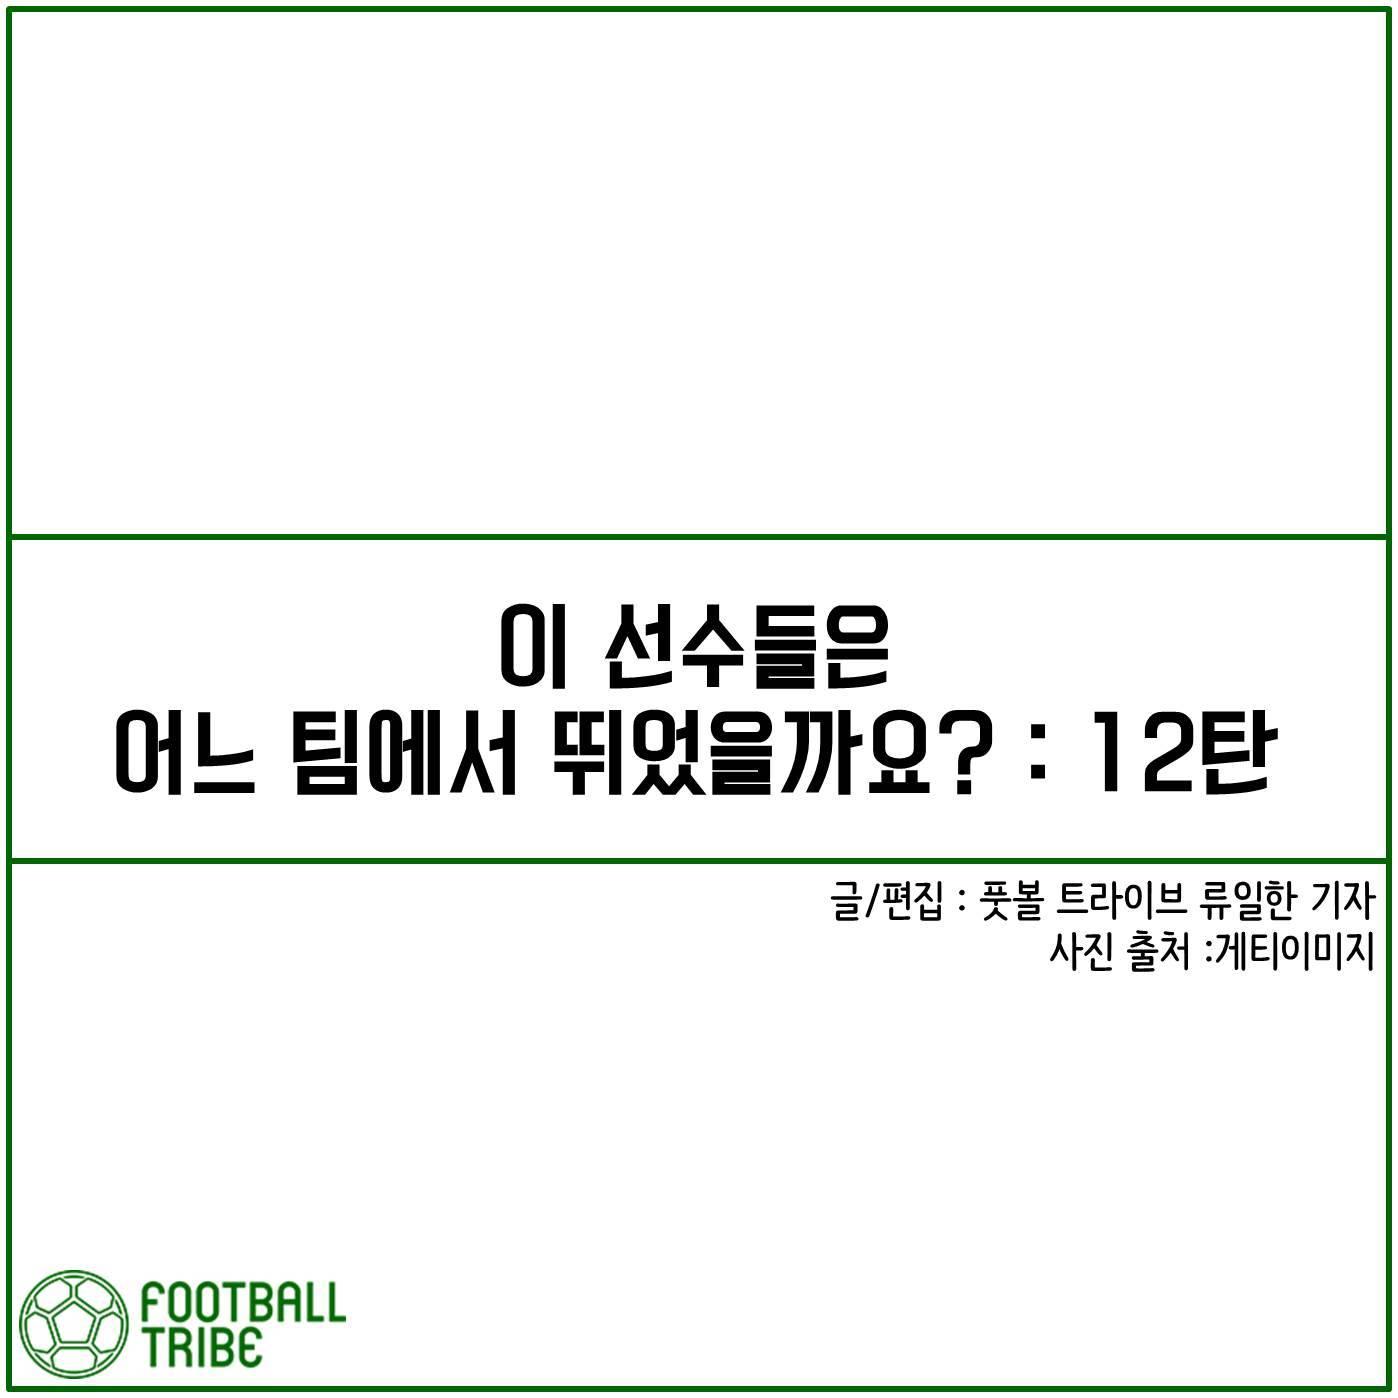 [카드 뉴스] 이 선수들은 어느 팀에서 뛰었을까요?: 12탄